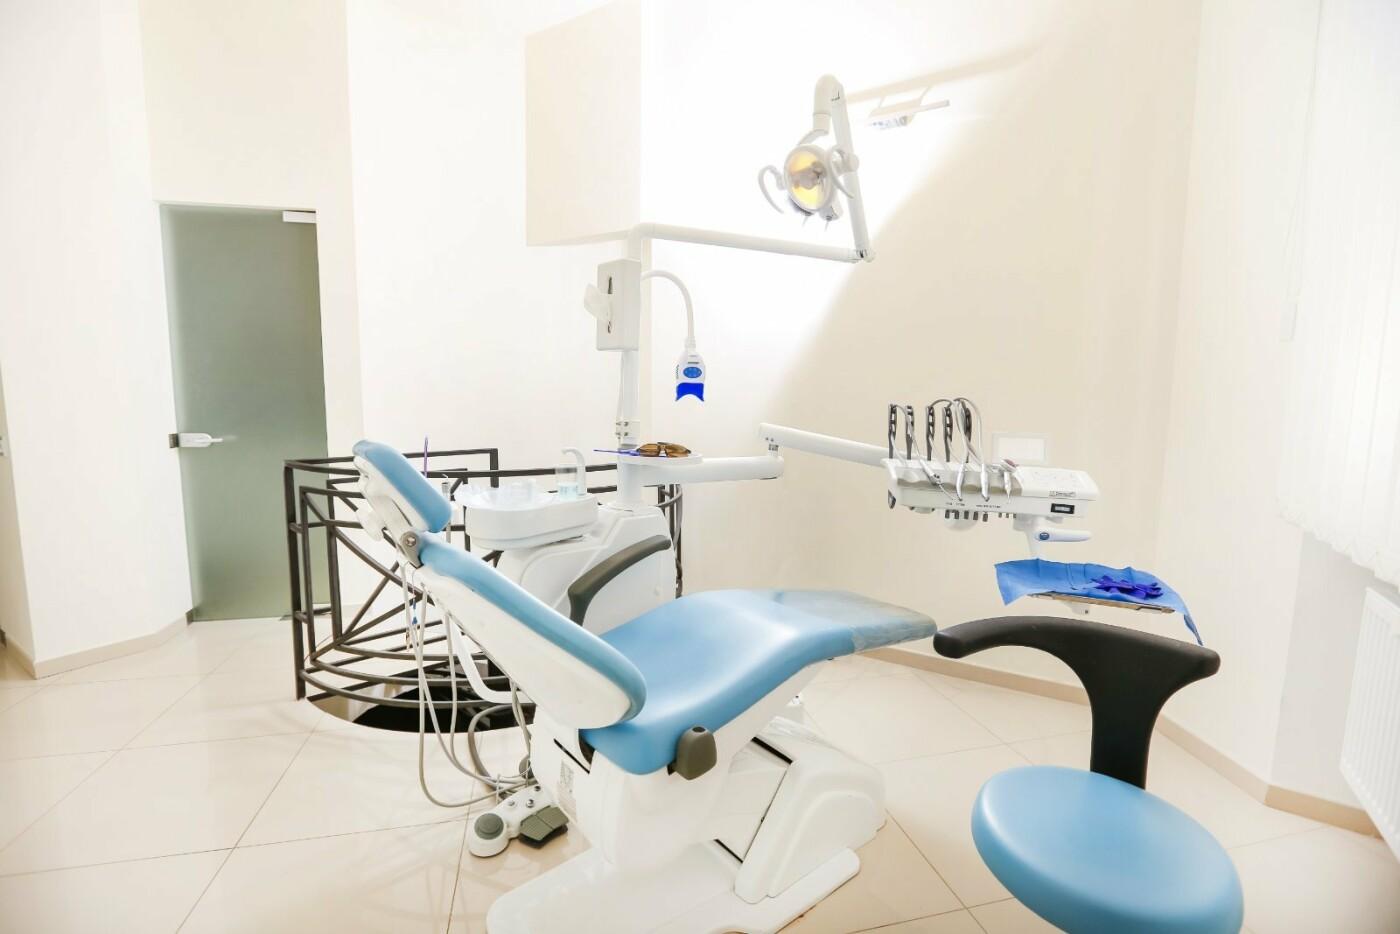 Приватні клініки та медичні центри Львова, фото-87